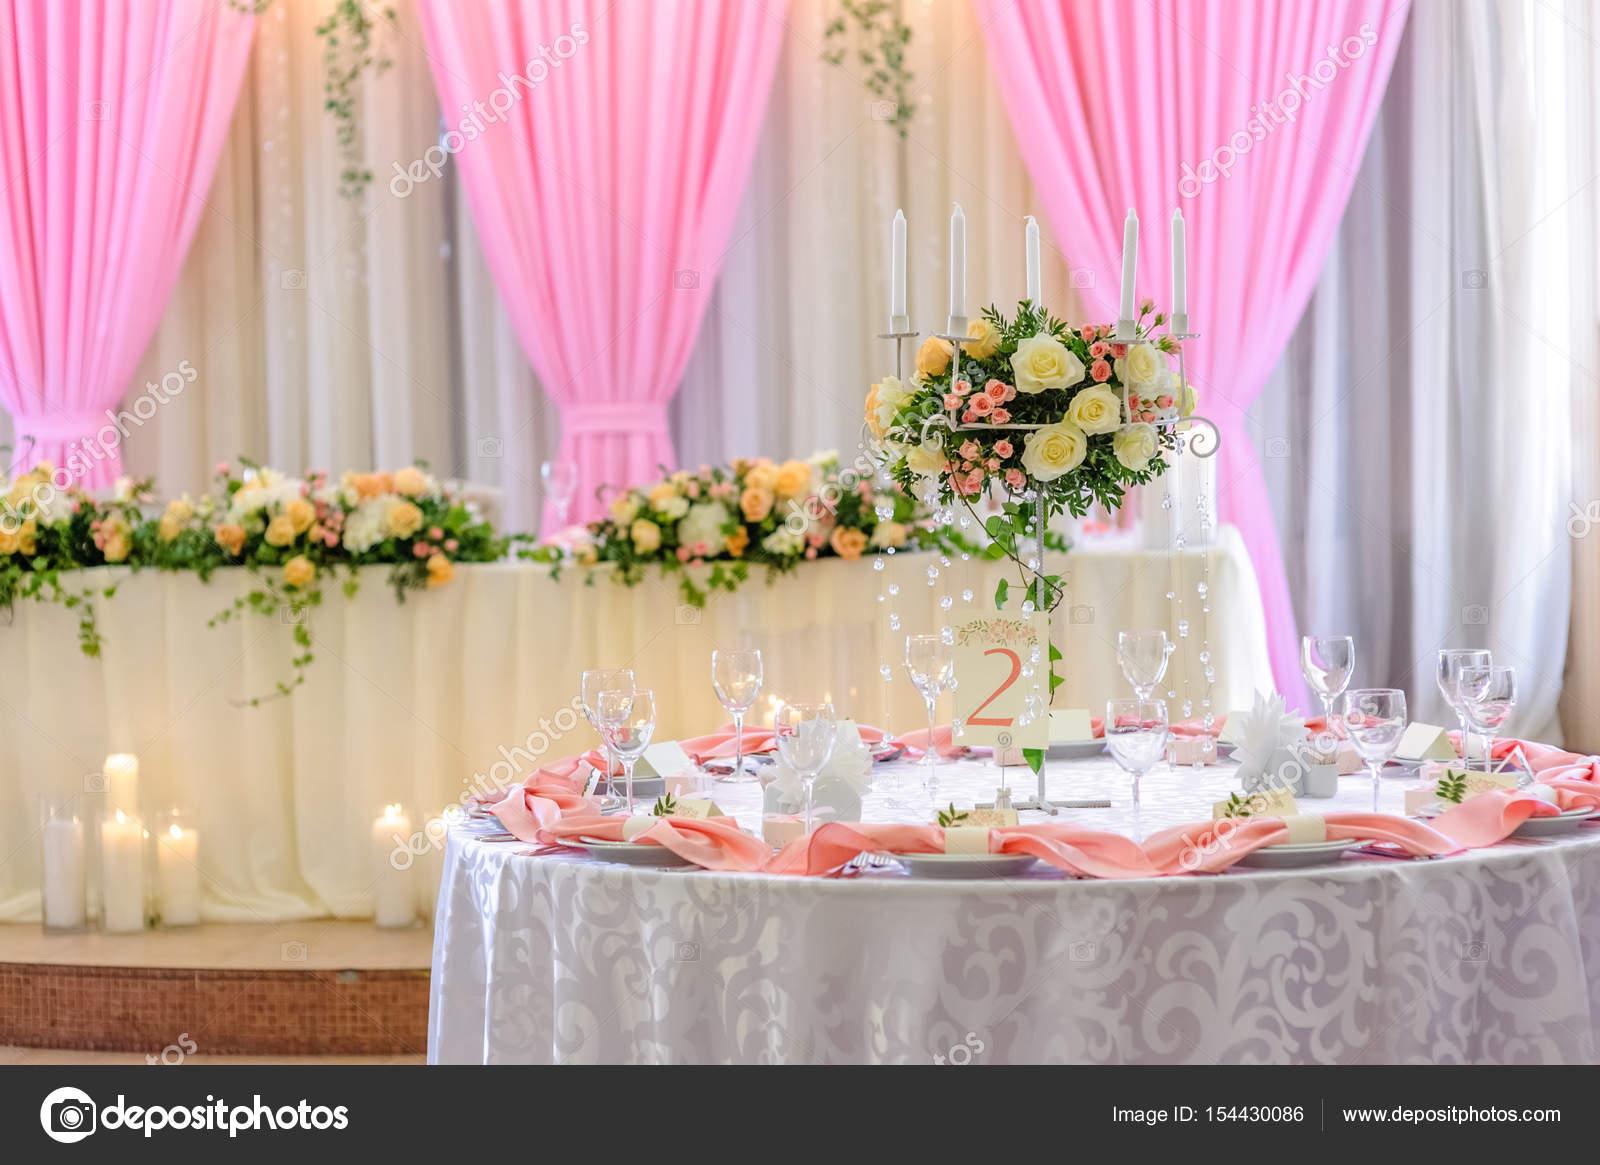 Hochzeit Tischdekoration Und Blumenherz Stockfoto C Yanam79 154430086